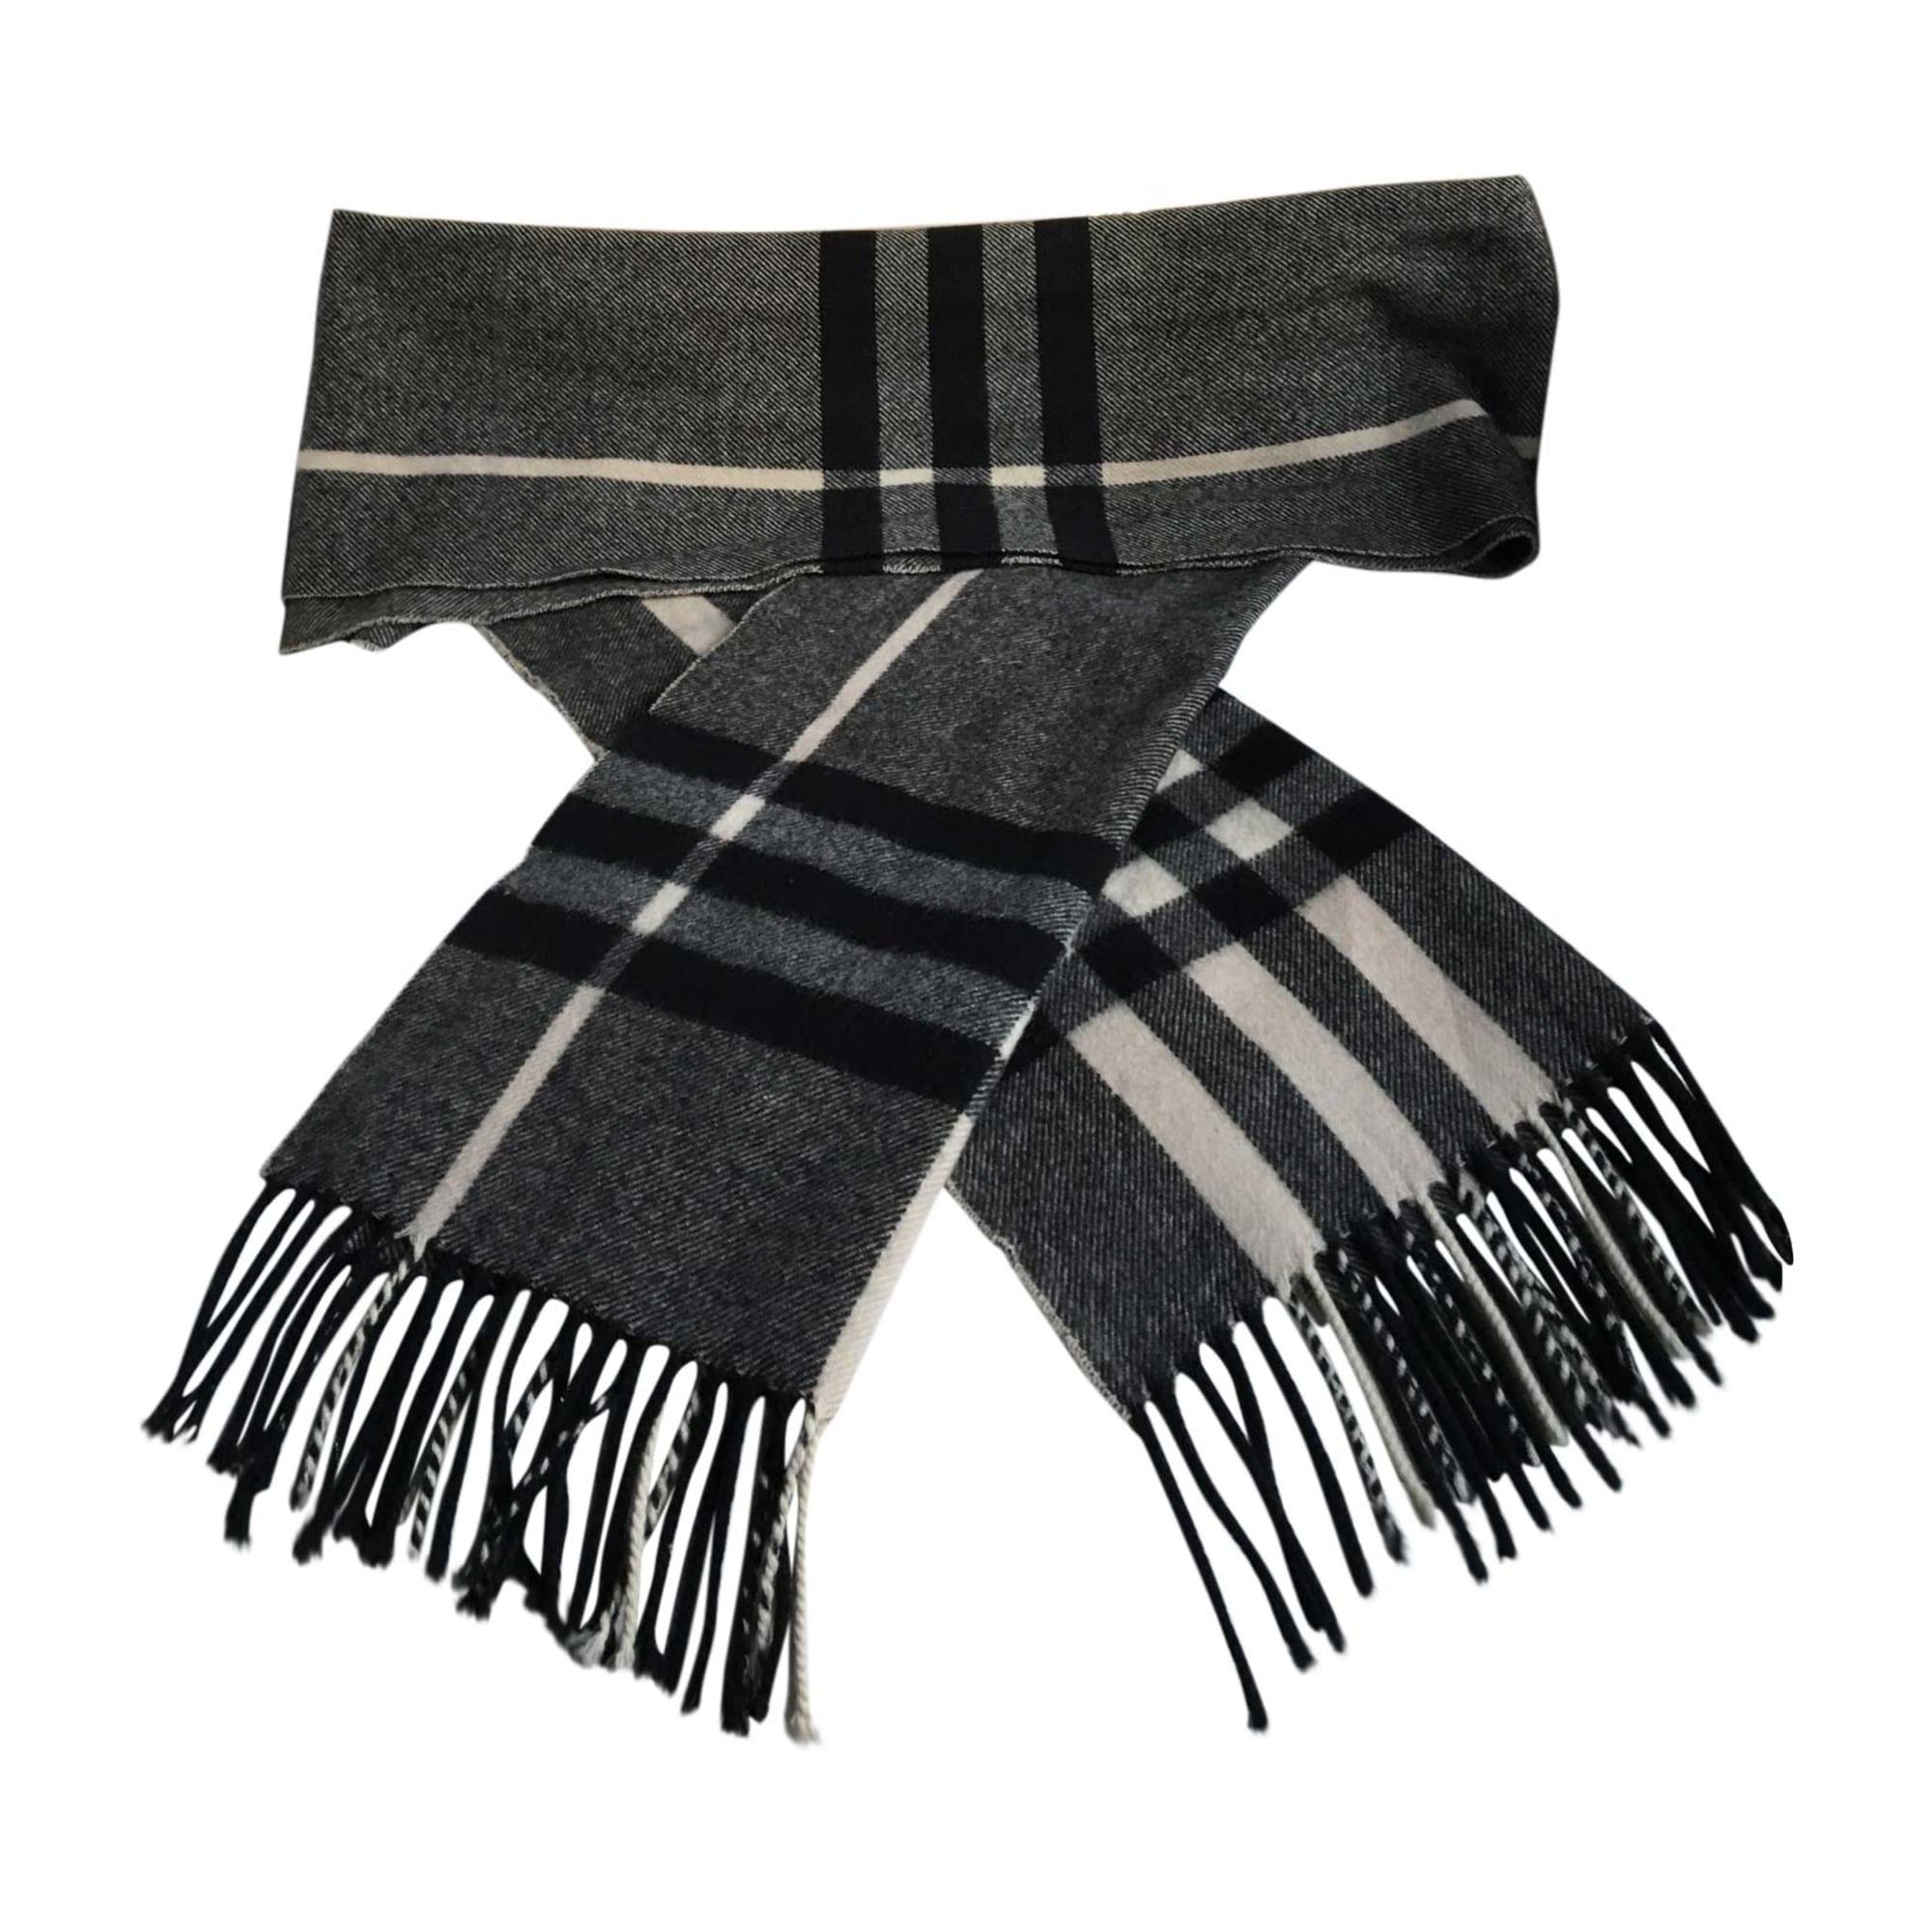 90cd1ec1124 Echarpe BURBERRY blanc noir gris vendu par D emeric 2550720 - 5674719